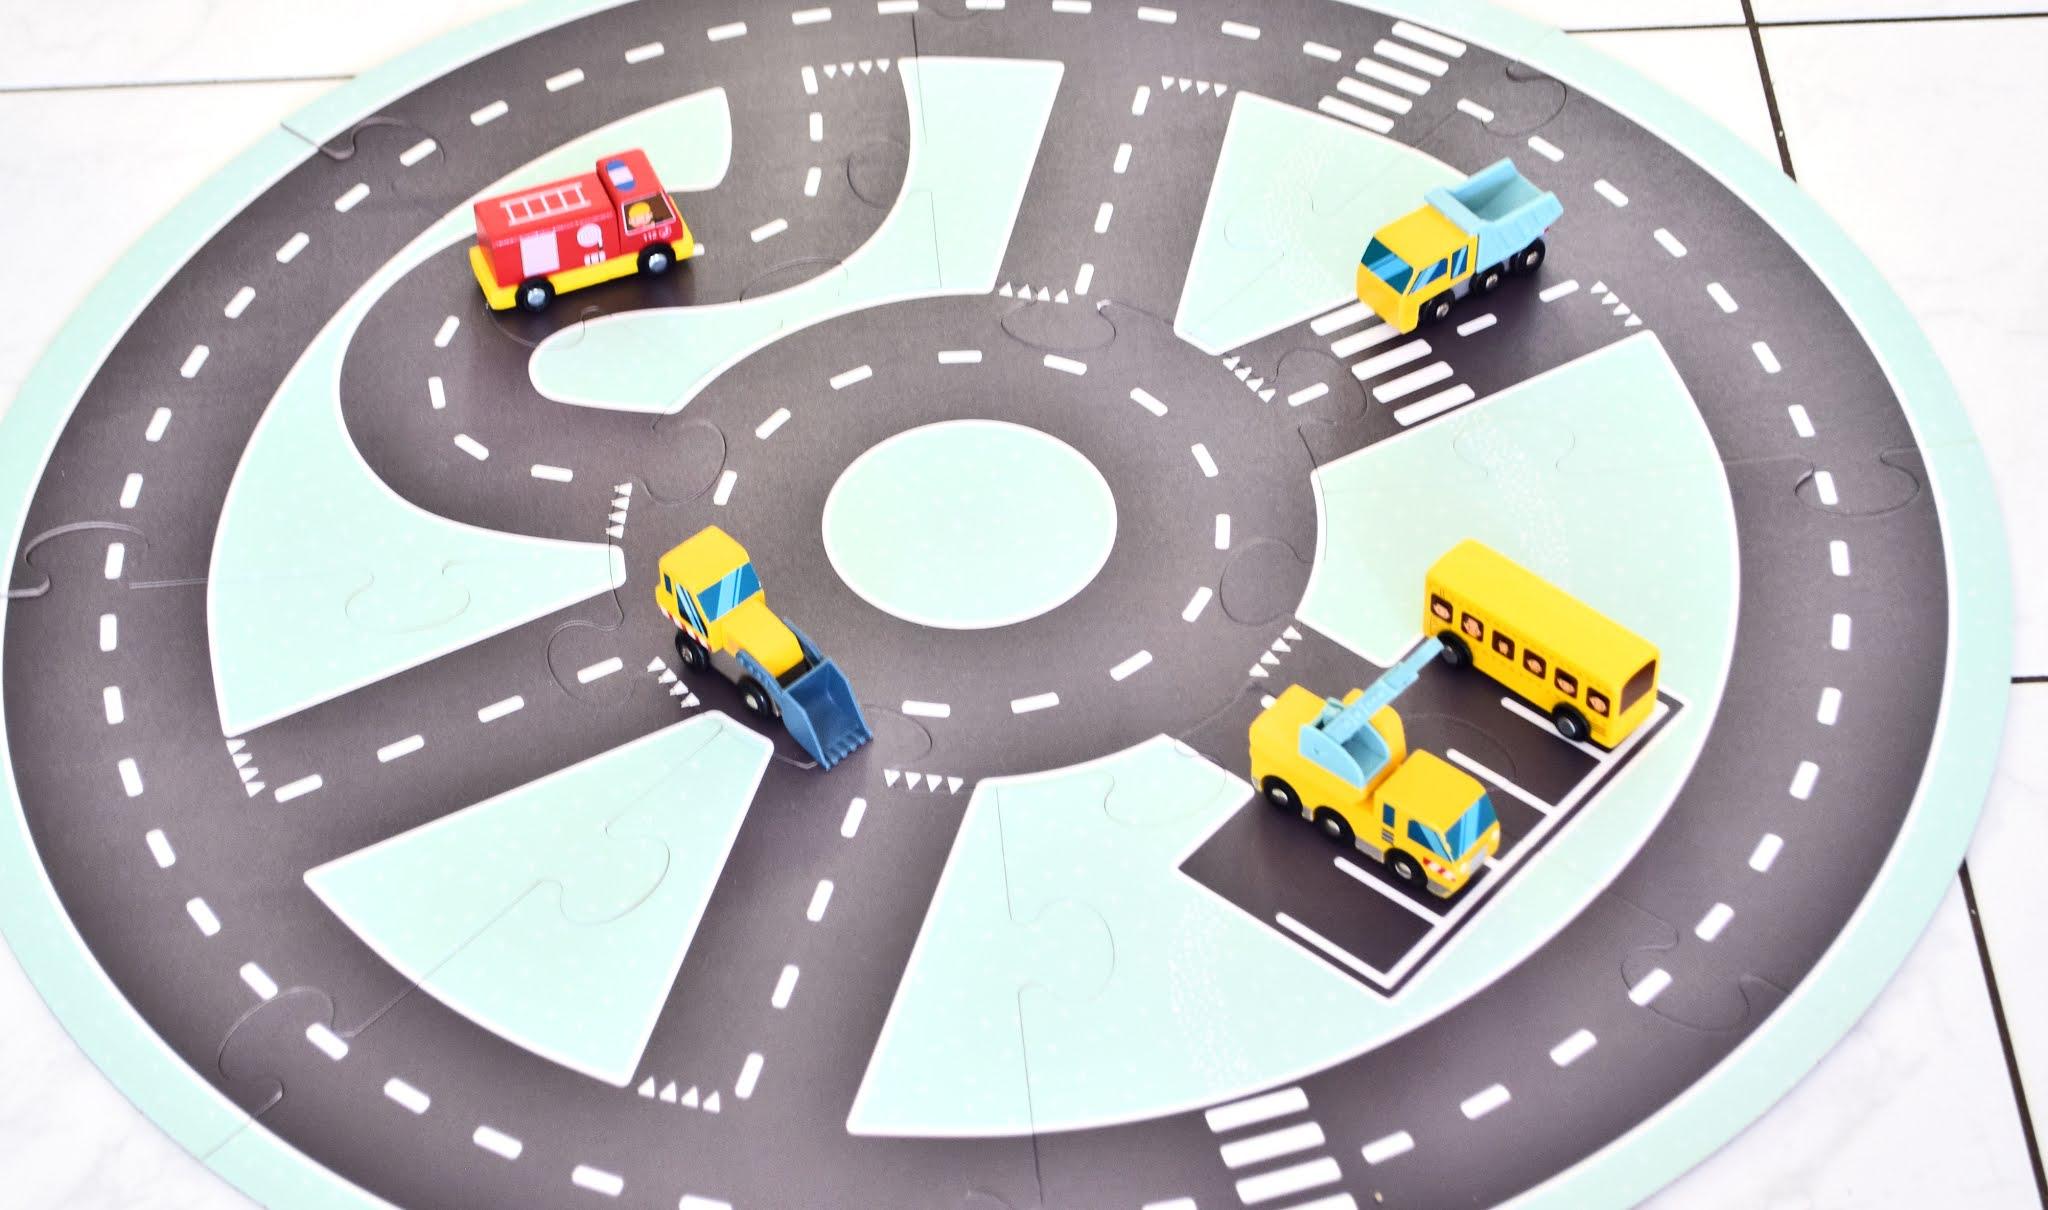 zabawy samochodami dla dzieci